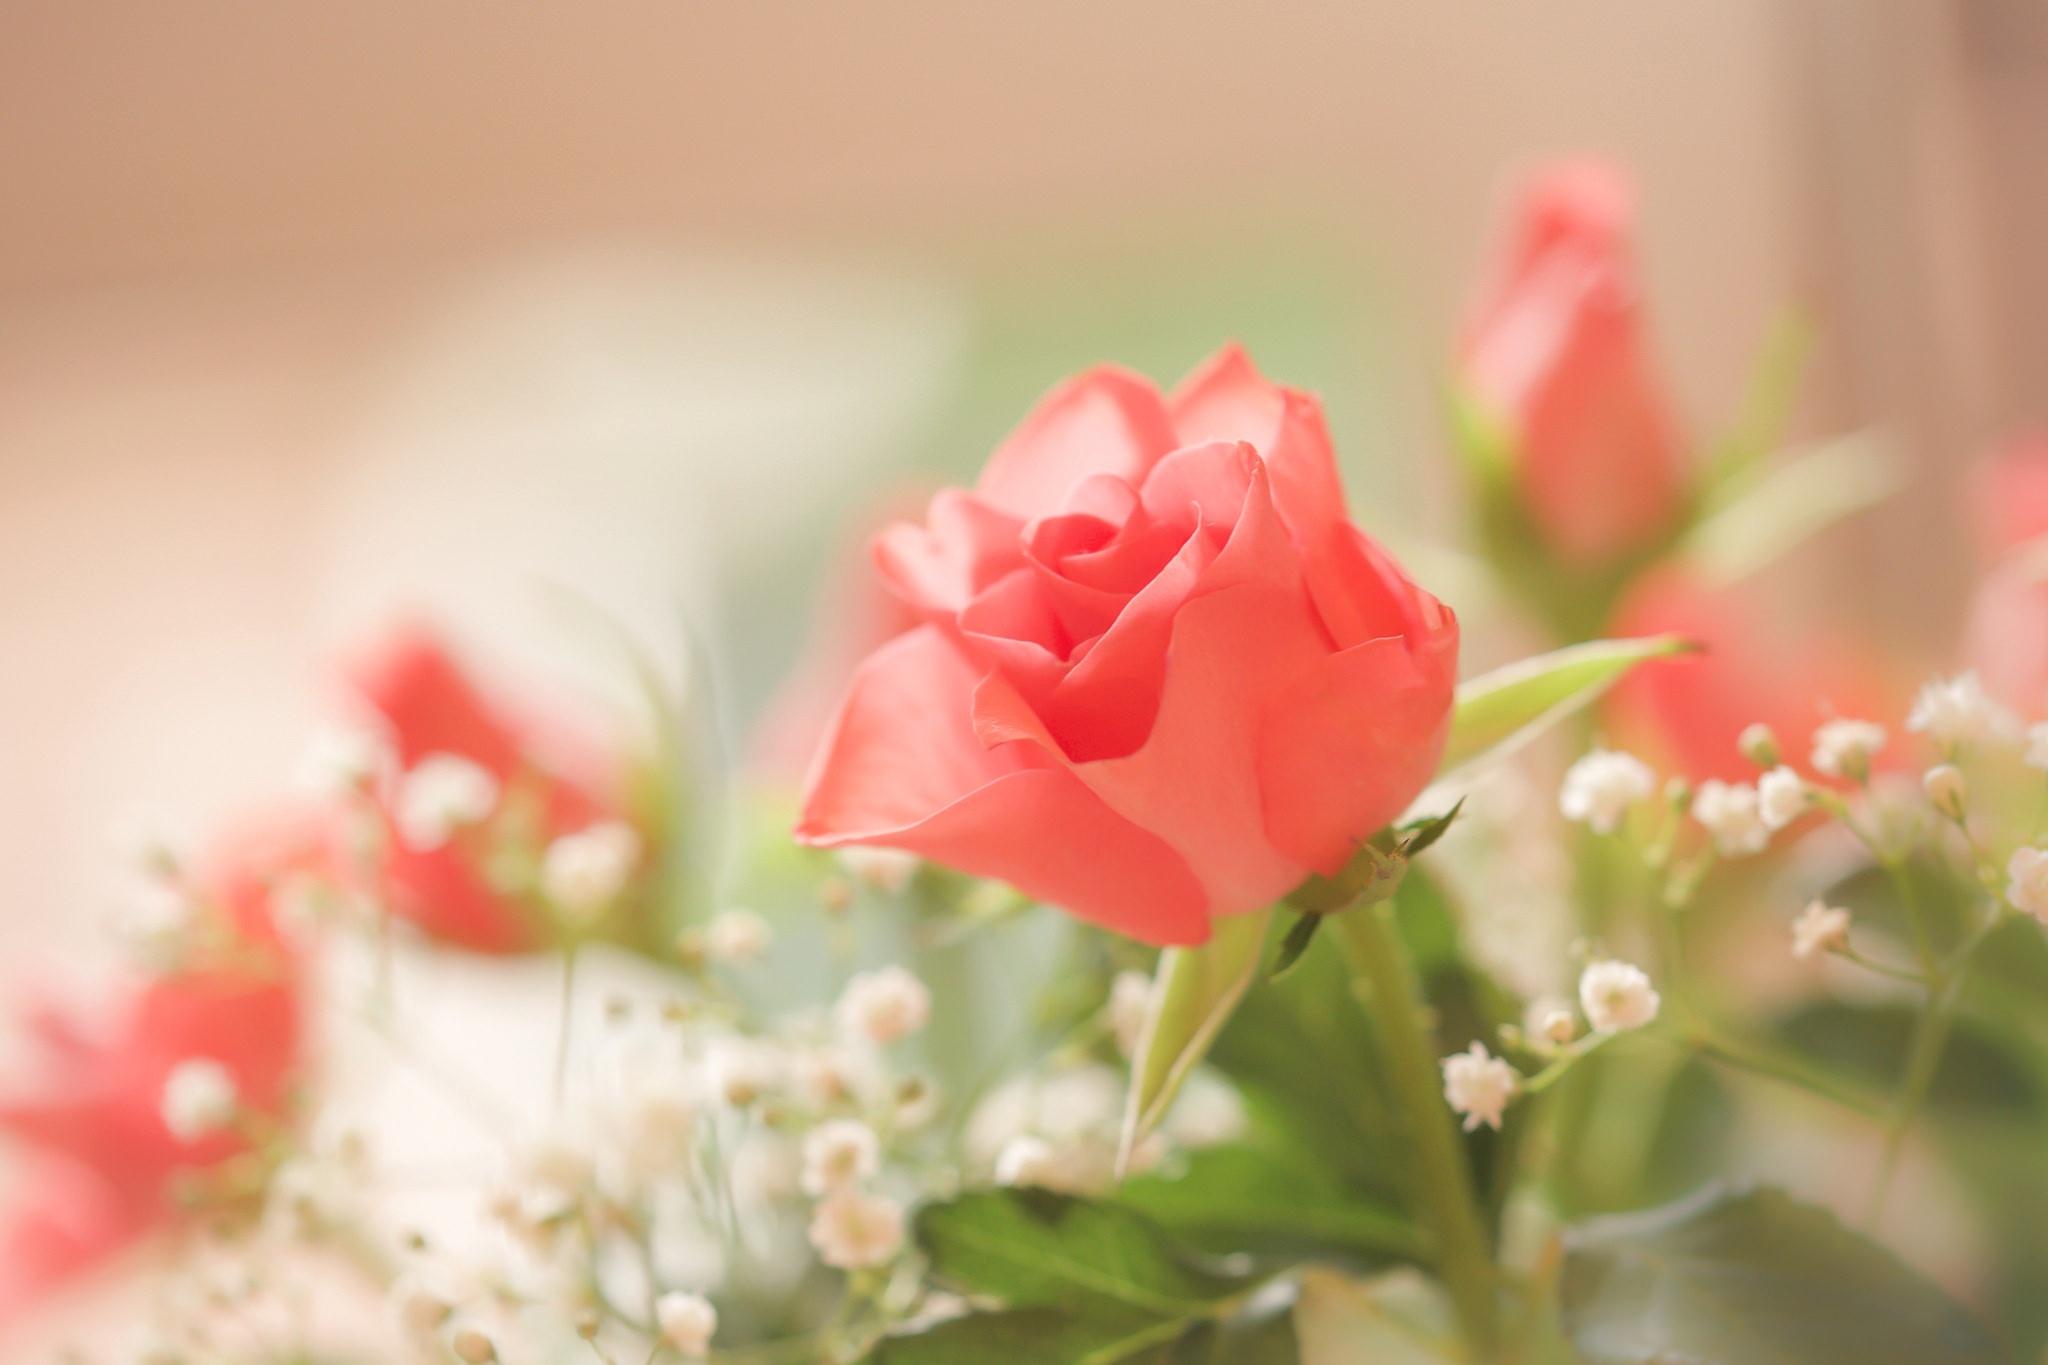 розы, гипсофила, бутоны бесплатно